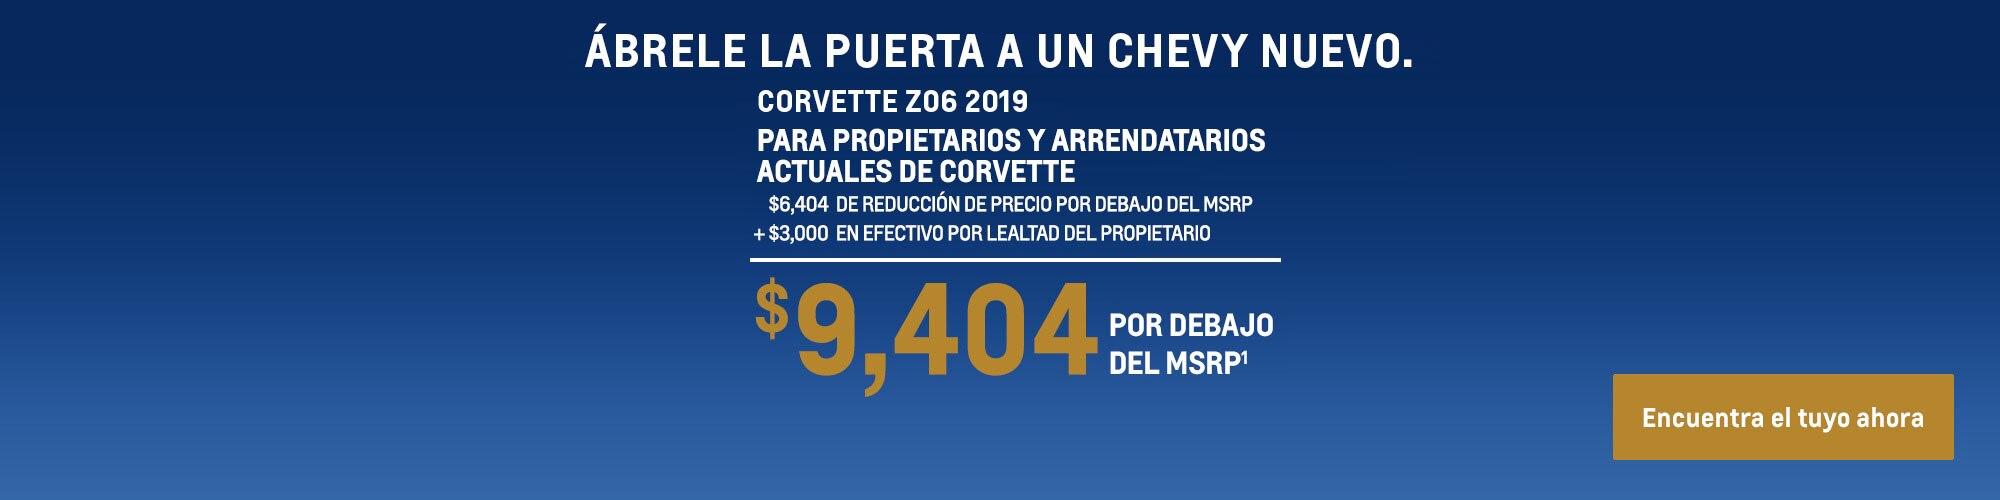 Corvette 2019: $9,404 Por debajo del MSRP